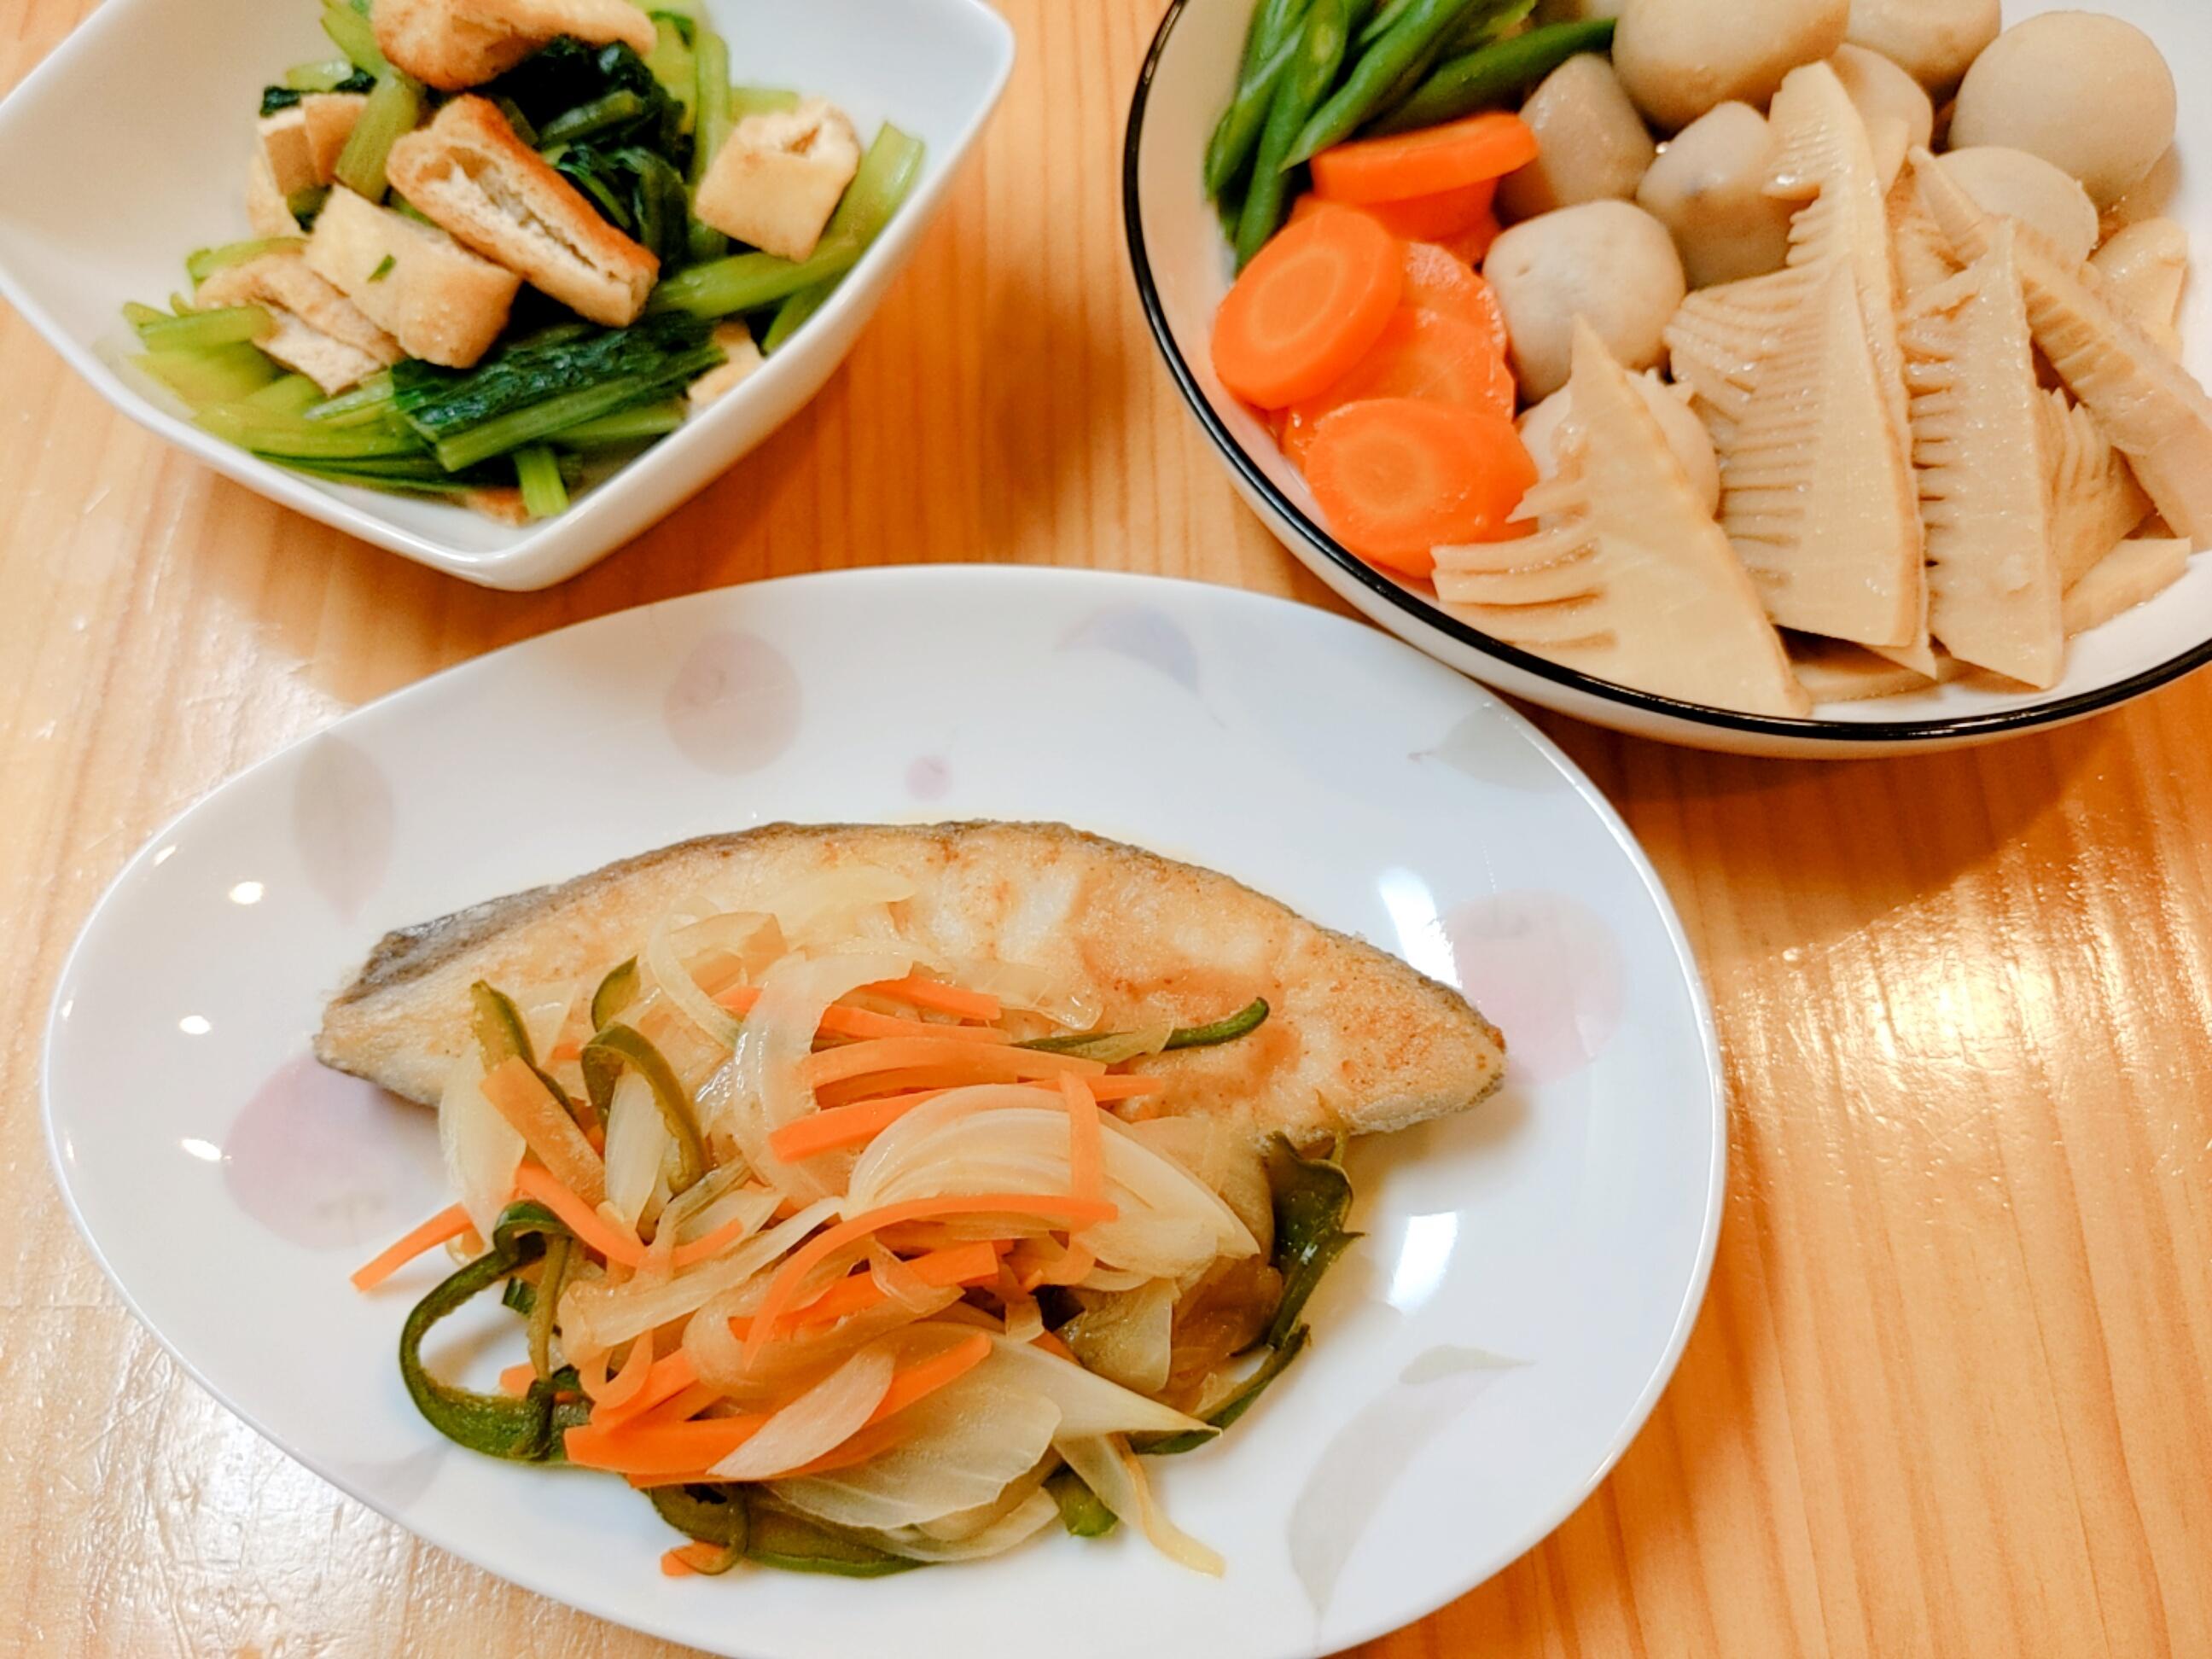 浜松の食材宅配サービスならサンクック *ママレポ* お魚、煮物、おひたし。サンクックで、The・和食も手間なく調理できました。